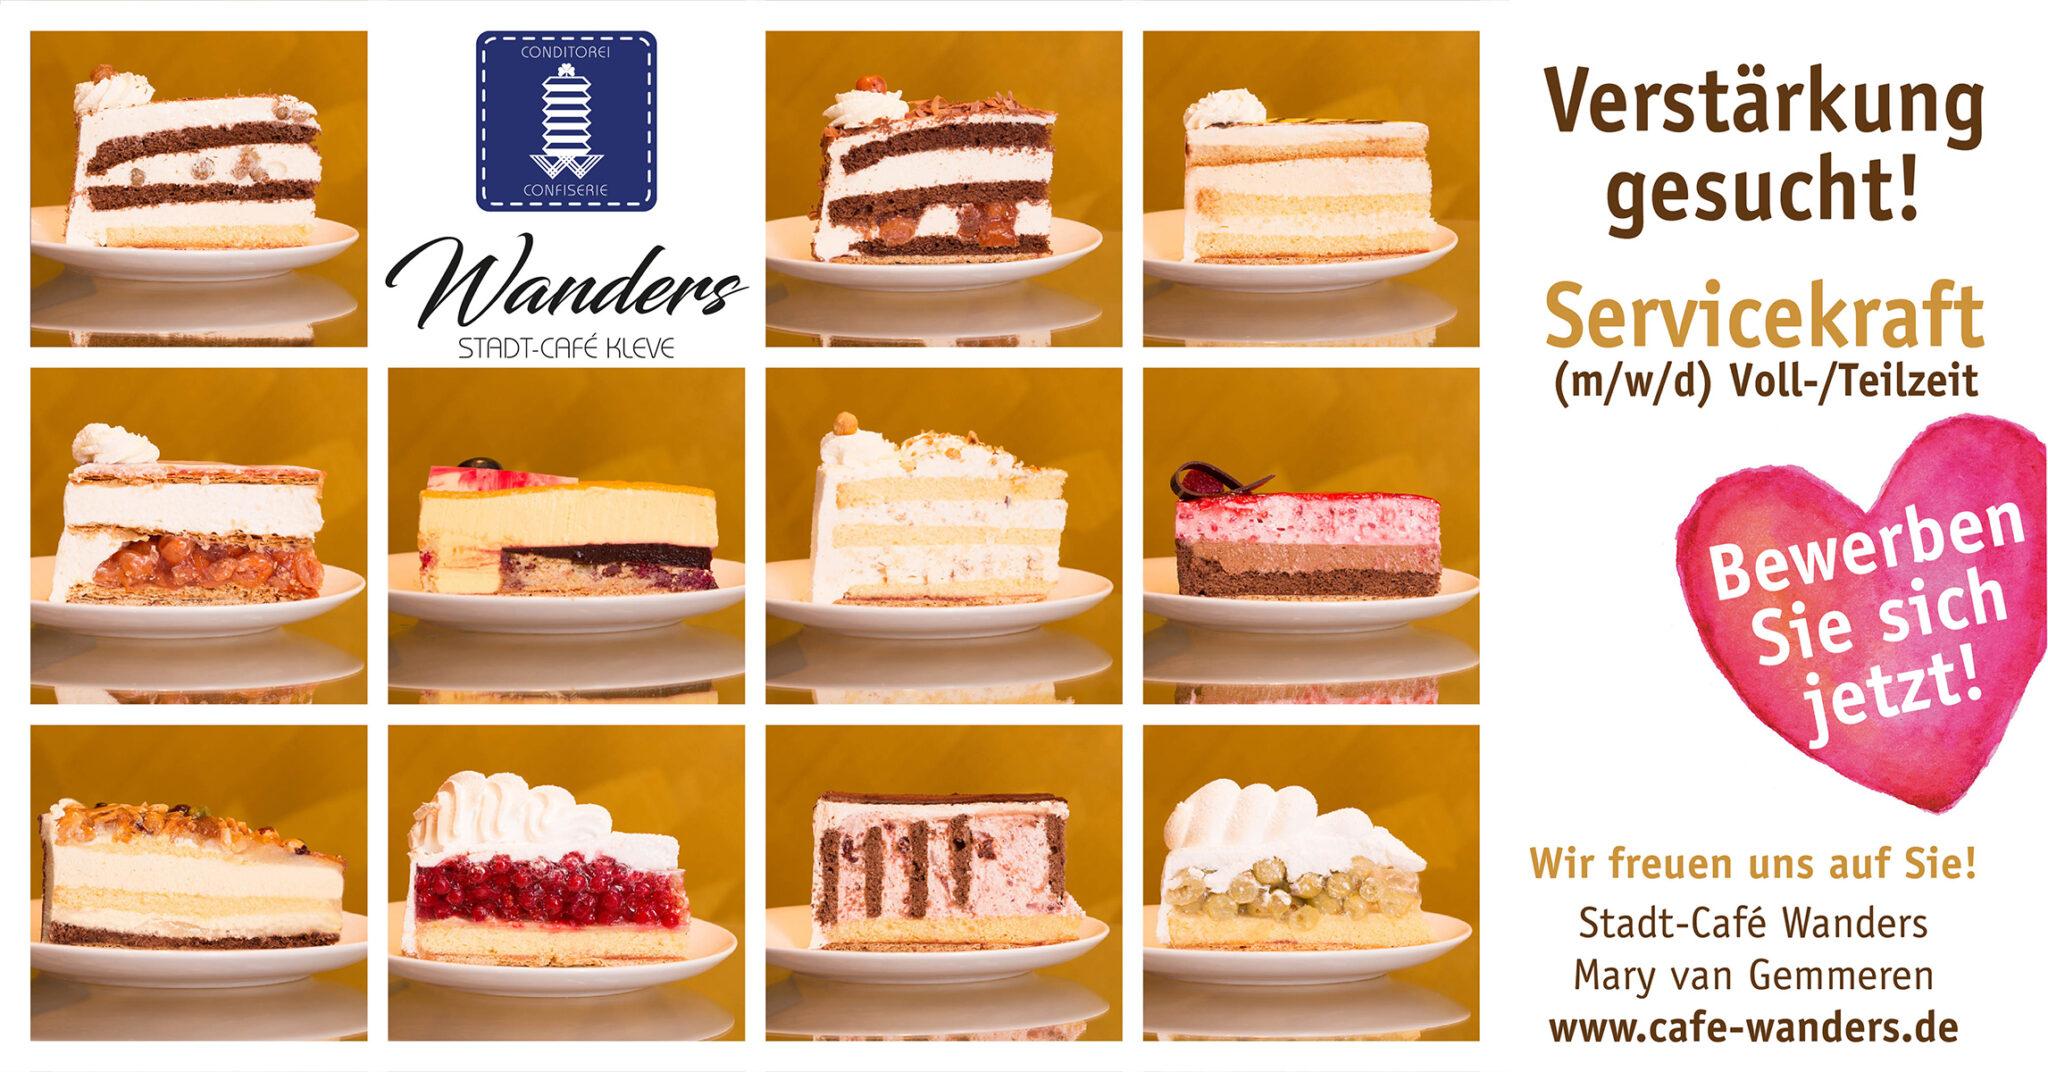 cafe-wanders-stellenanzeige-facebook-01